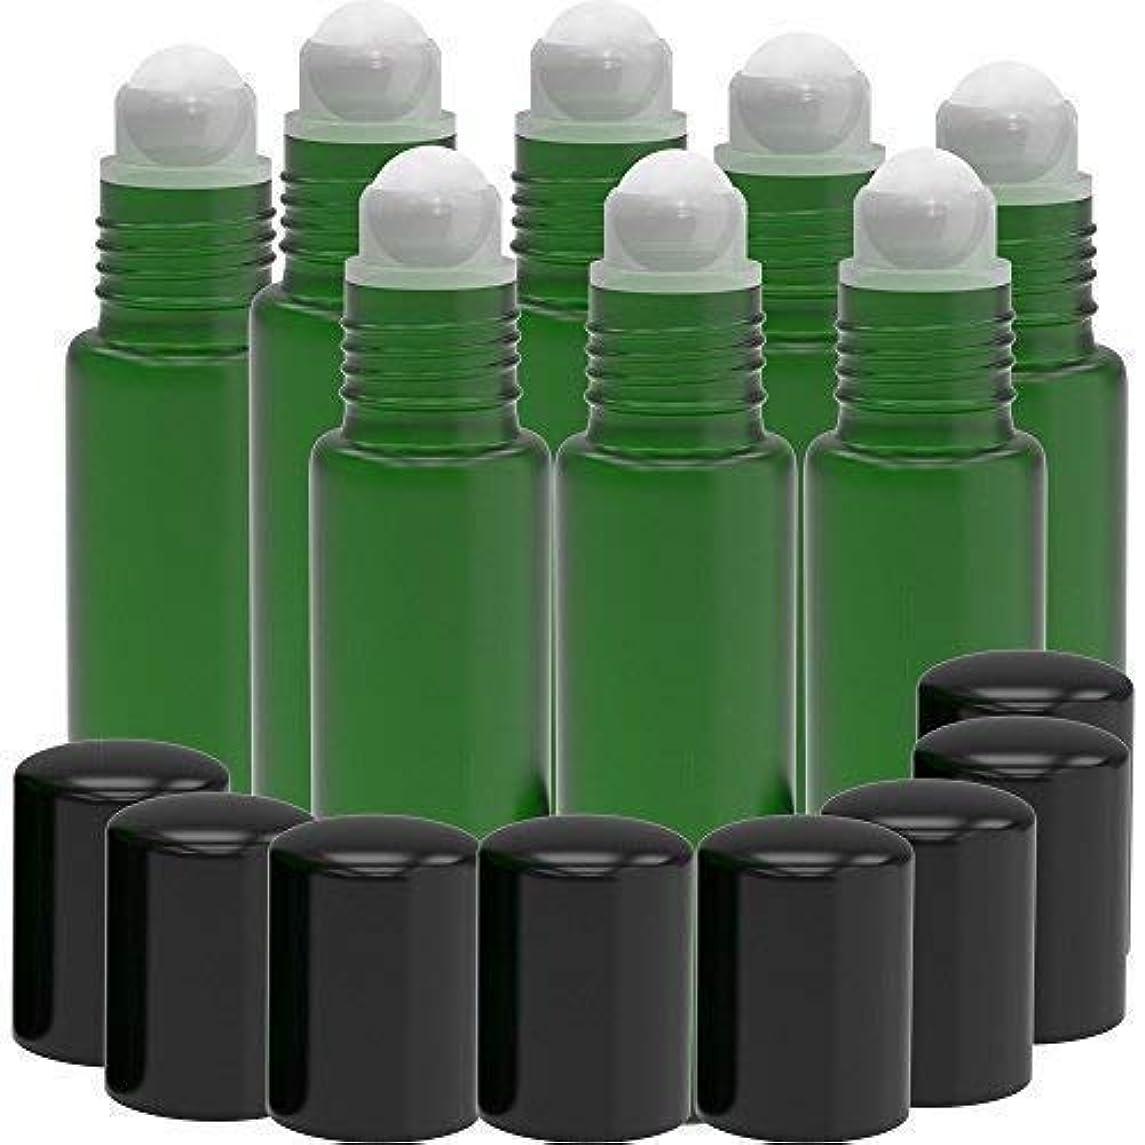 発表曲がったテクスチャー8 Pack - Essential Oil Roller Bottles [PLASTIC ROLLER] 10ml Refillable Glass Color Roll On for Fragrance Essential...